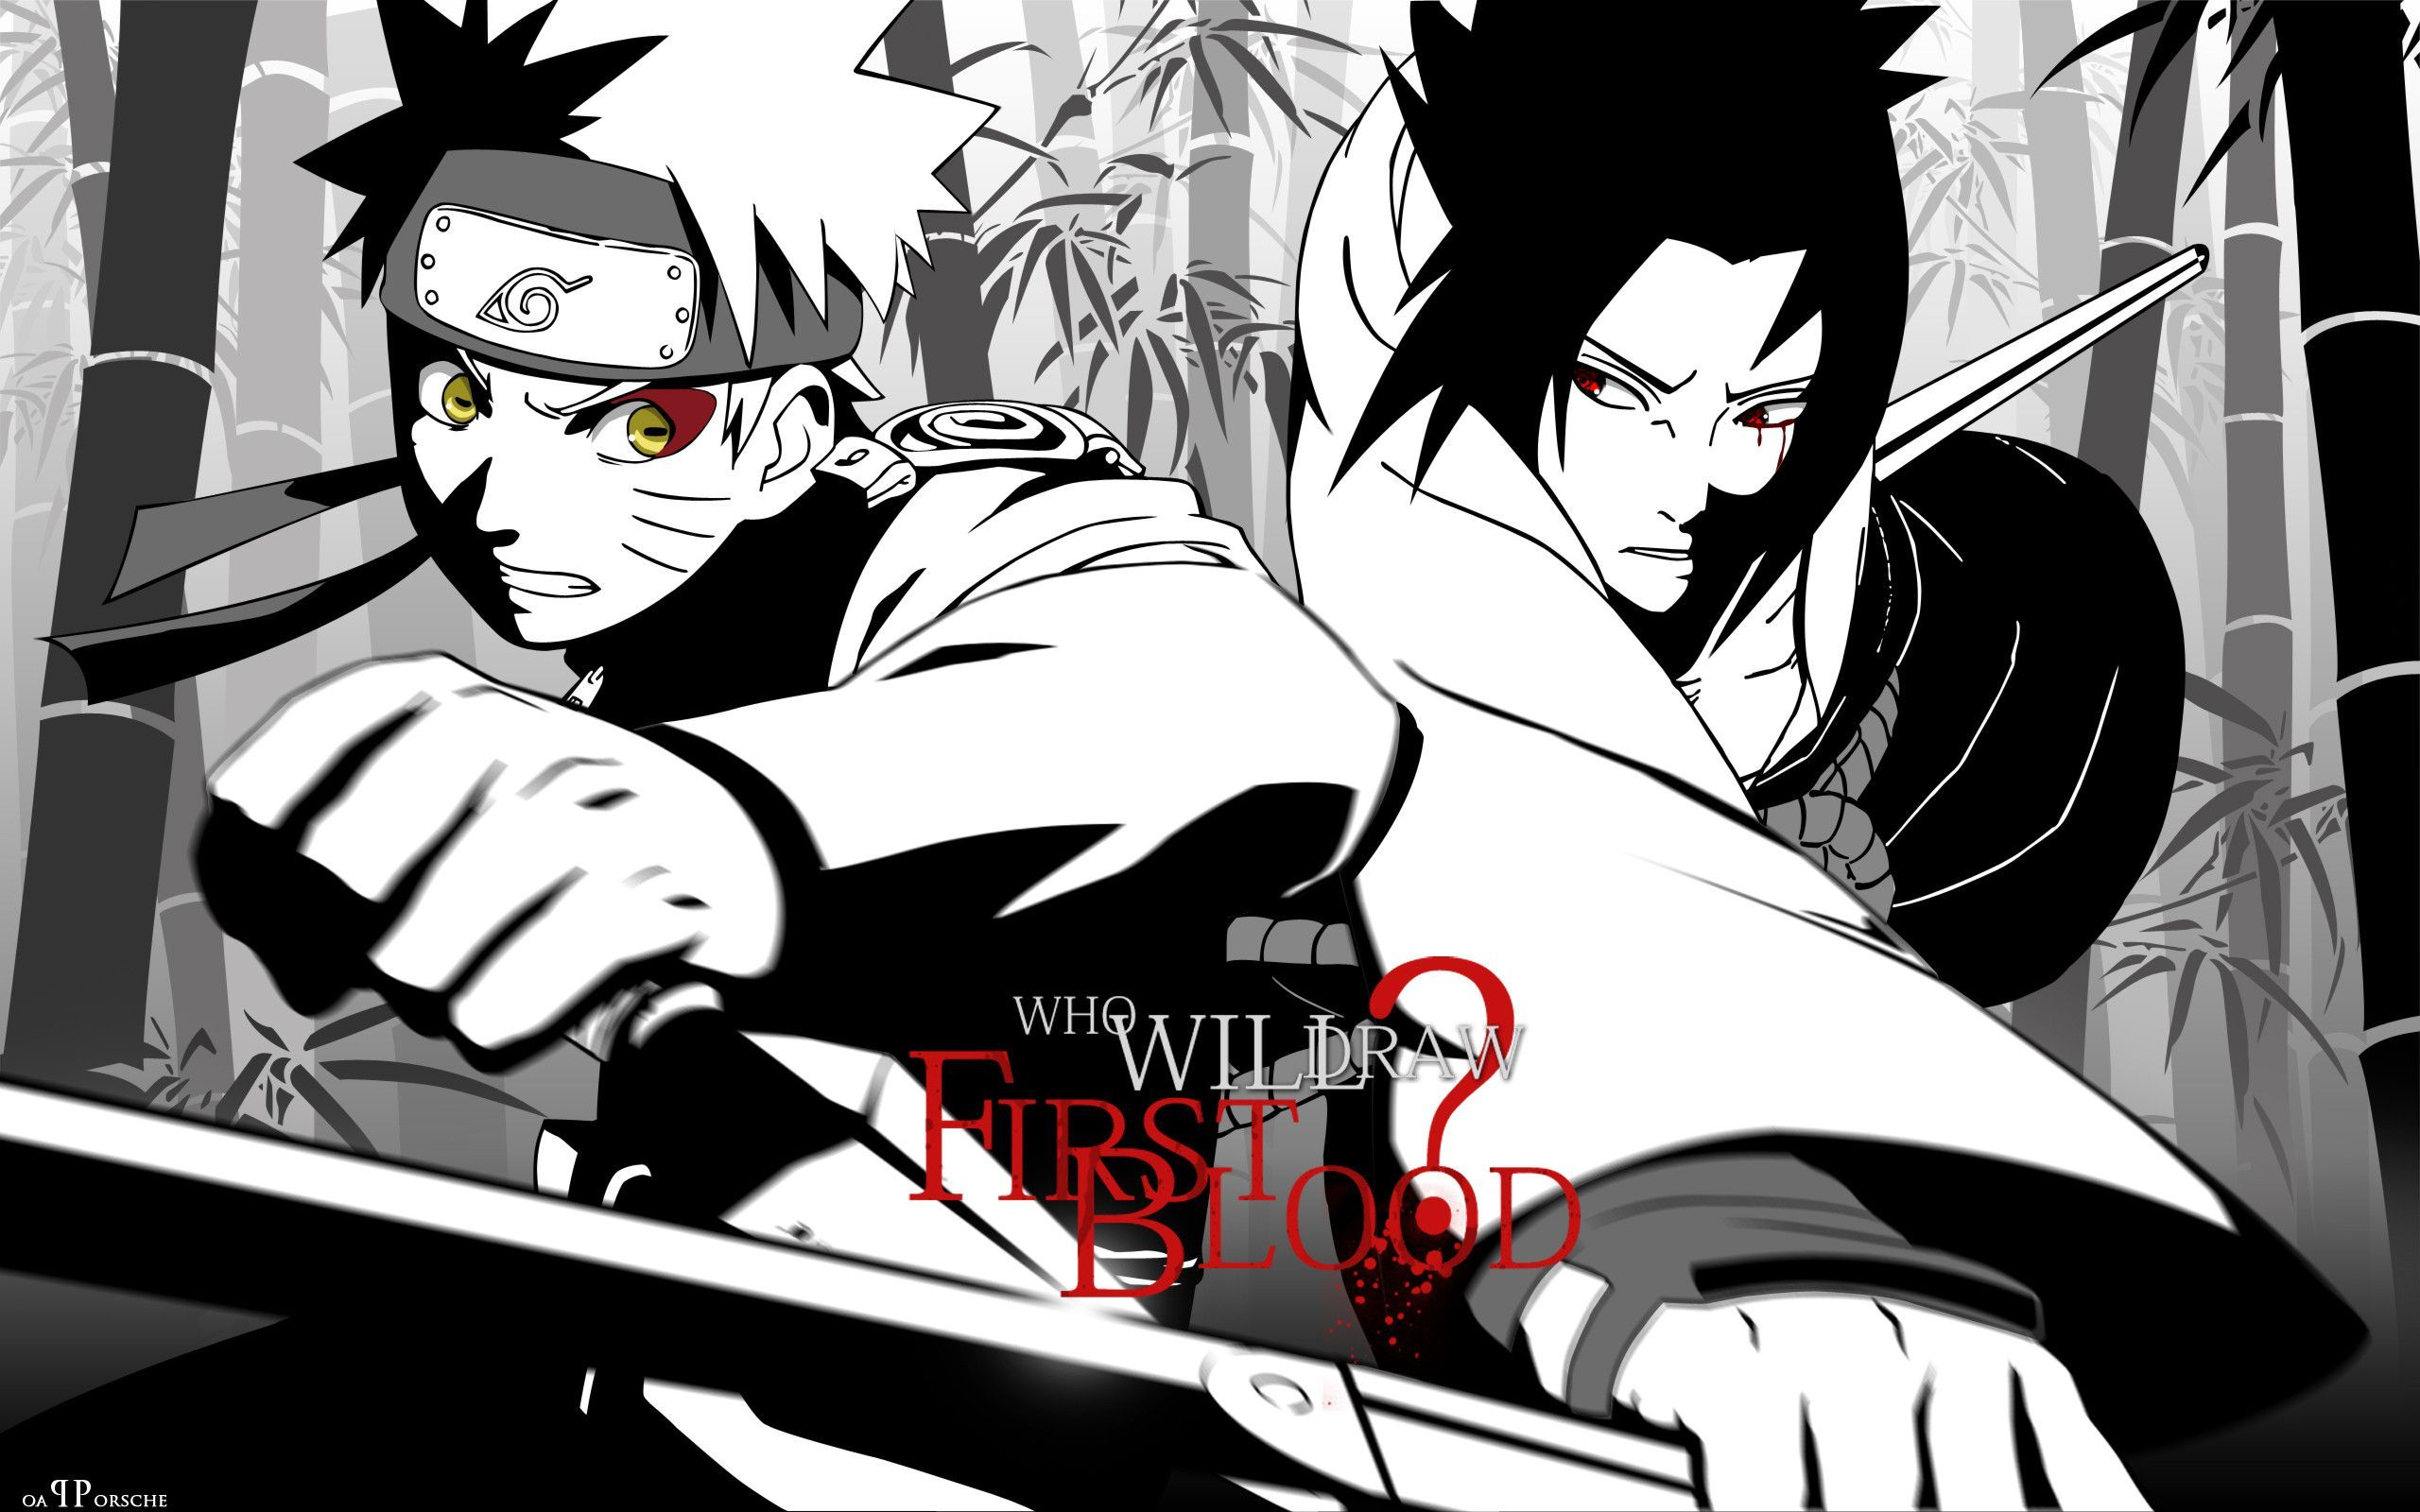 Kakashi sakura sasuke naruto wallpaper forwallpaper com html code - Hd Naruto Wallpapers Download Free